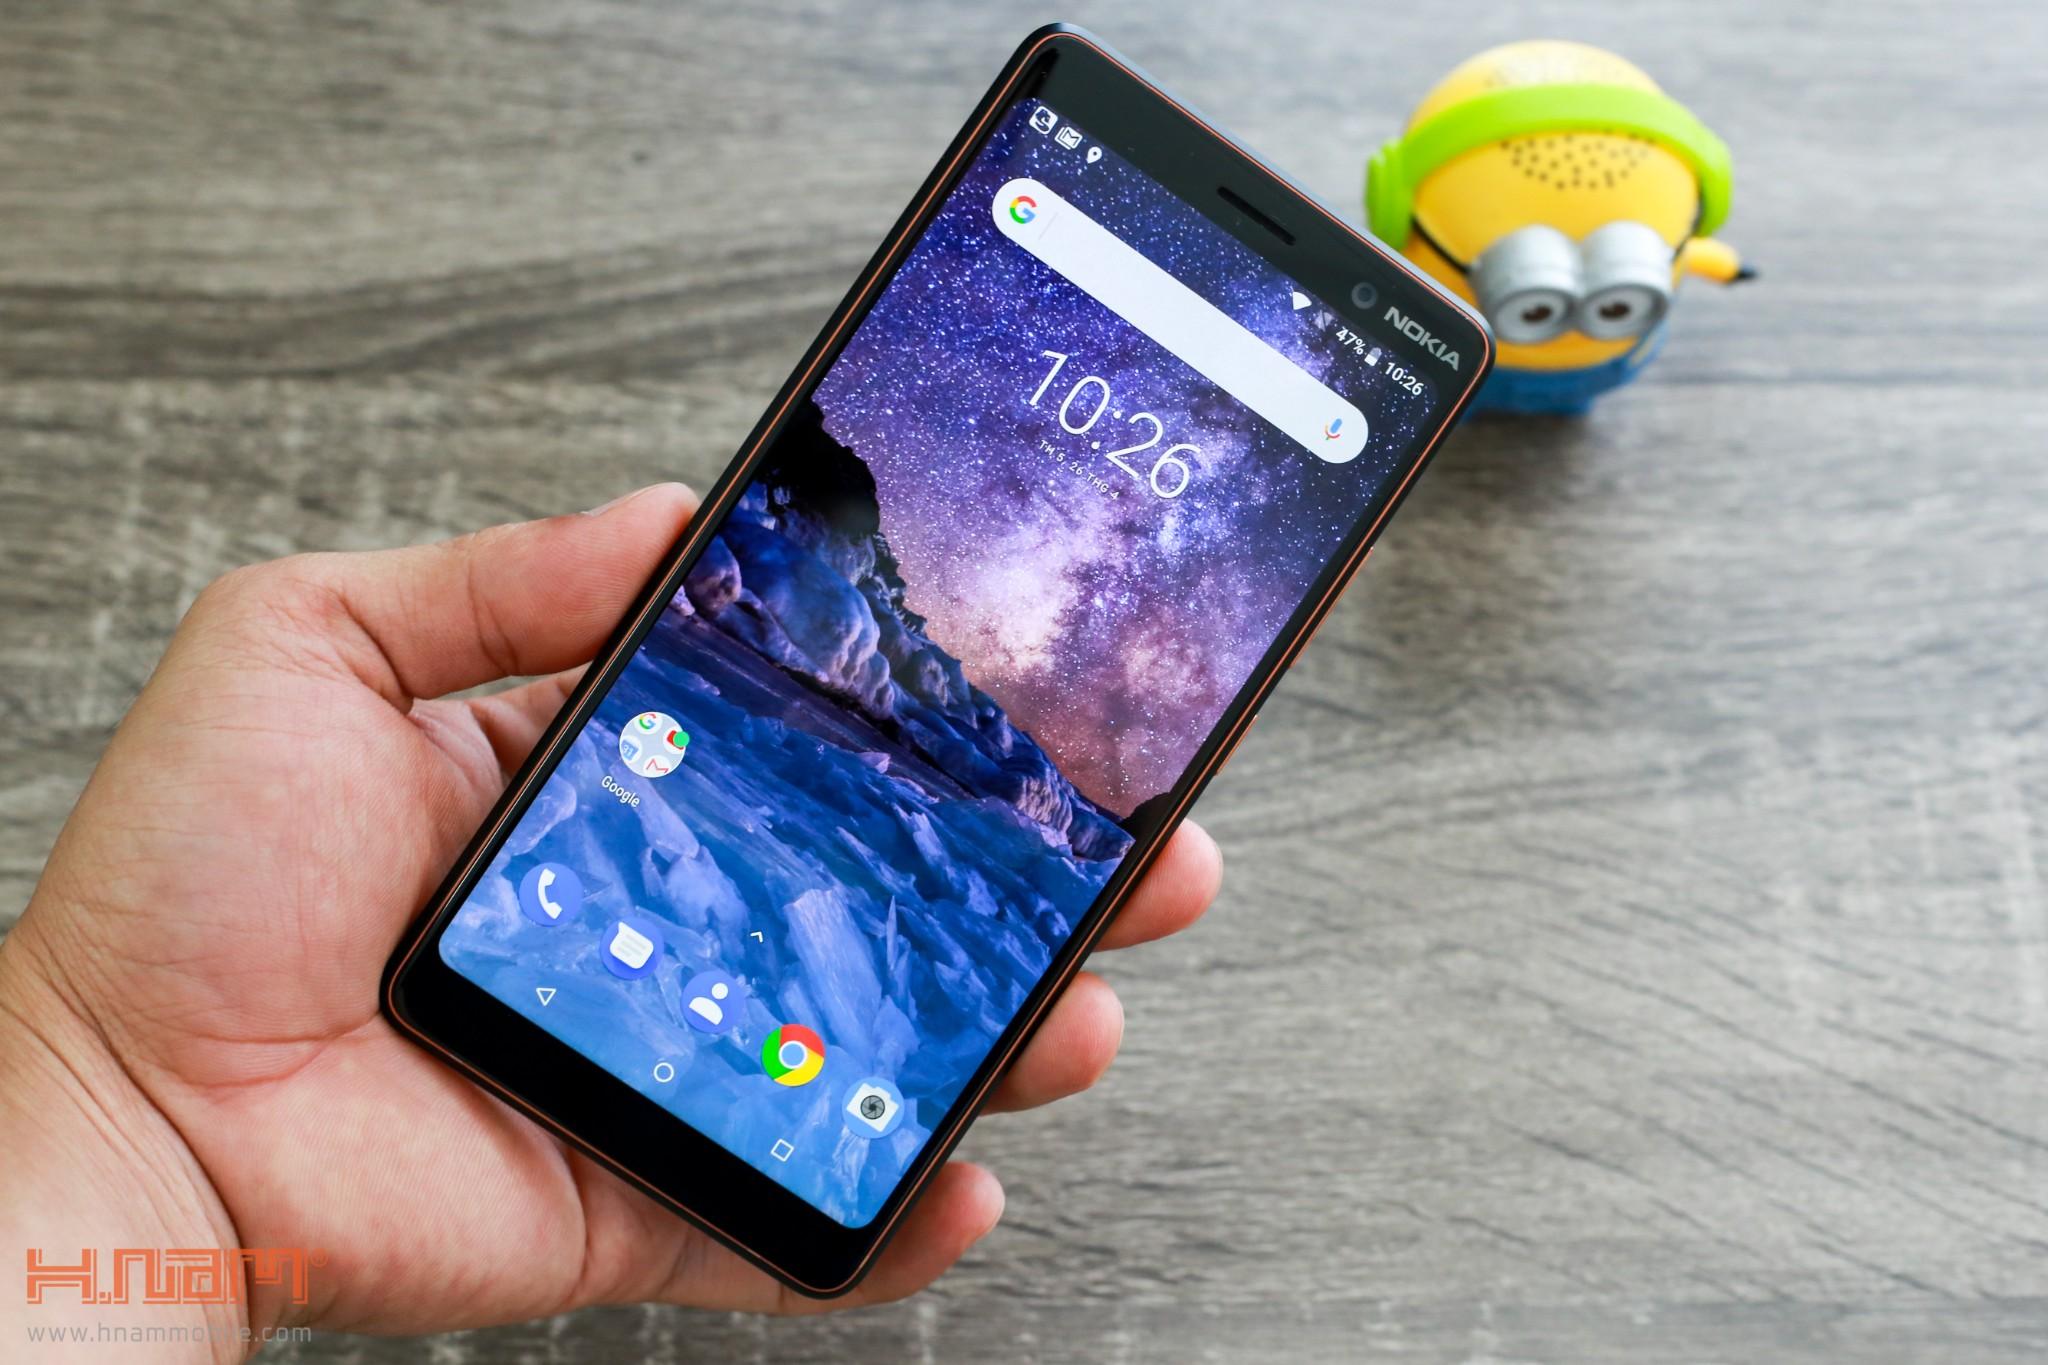 Trên tay Nokia 7 Plus: Smartphone Nokia đầu tiên có màn hình 18:9 hình 3